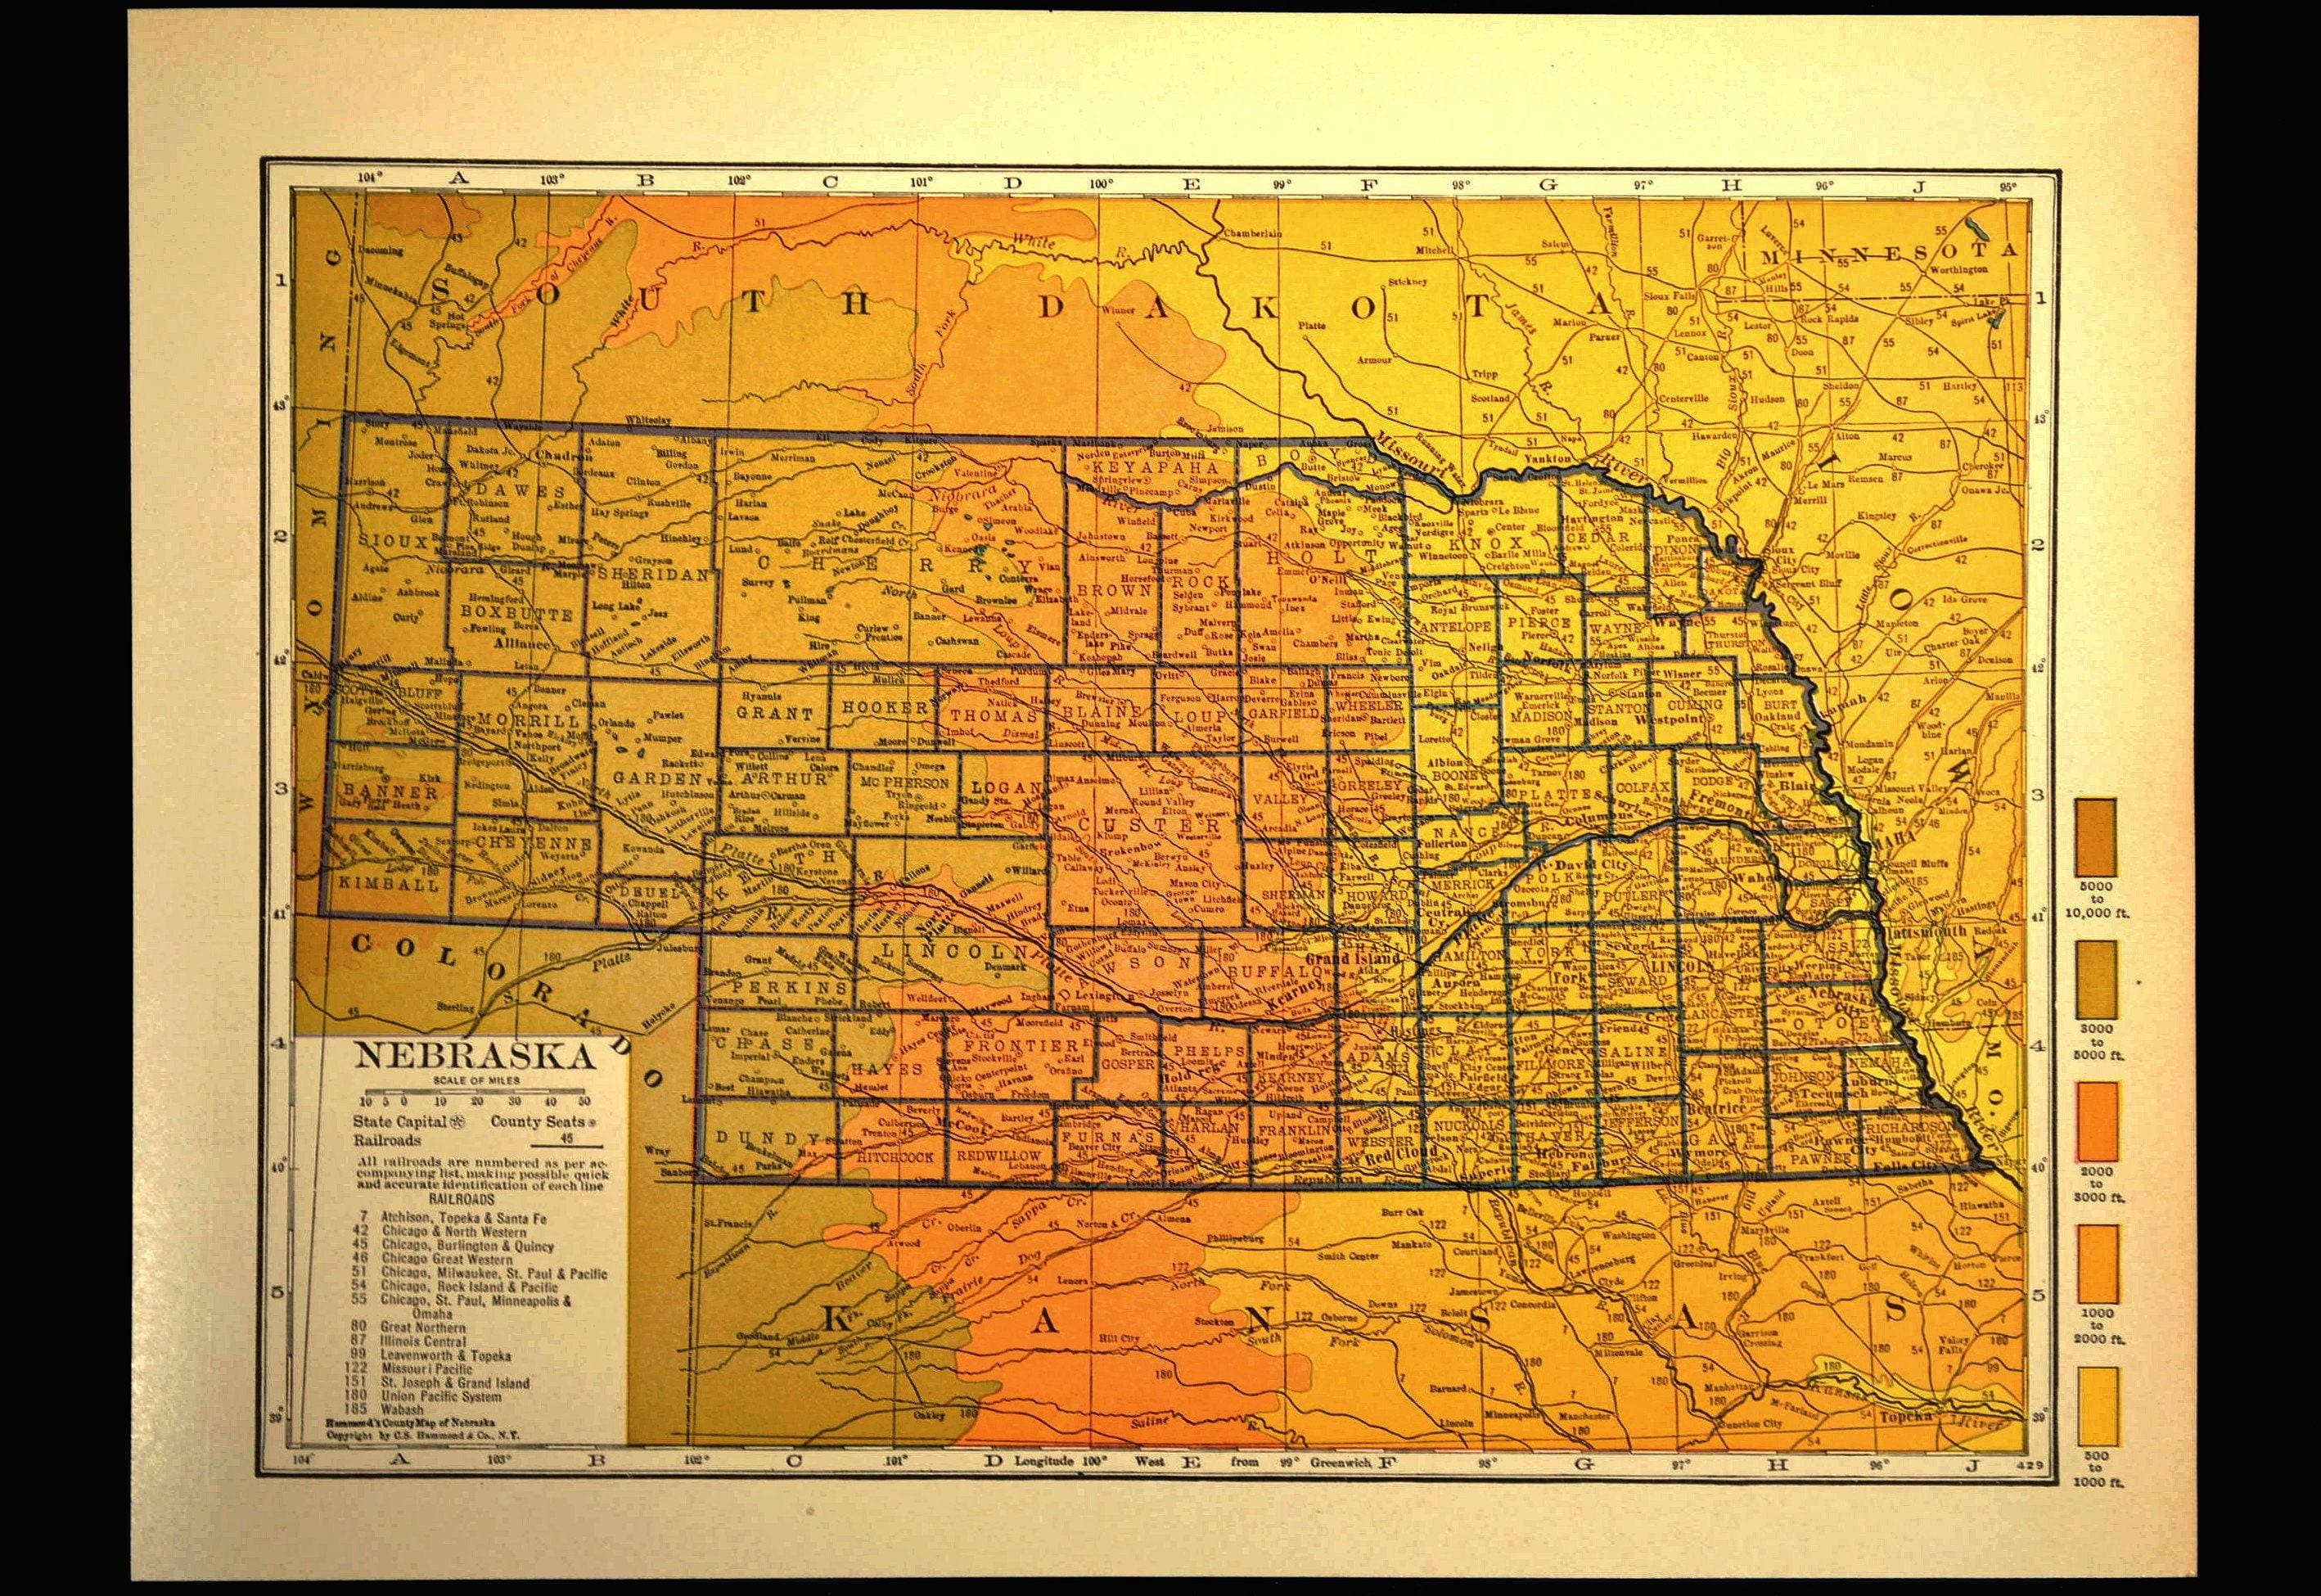 Nebraska Map Of Nebraska Topographic Map Colorful Topo Wall Etsy